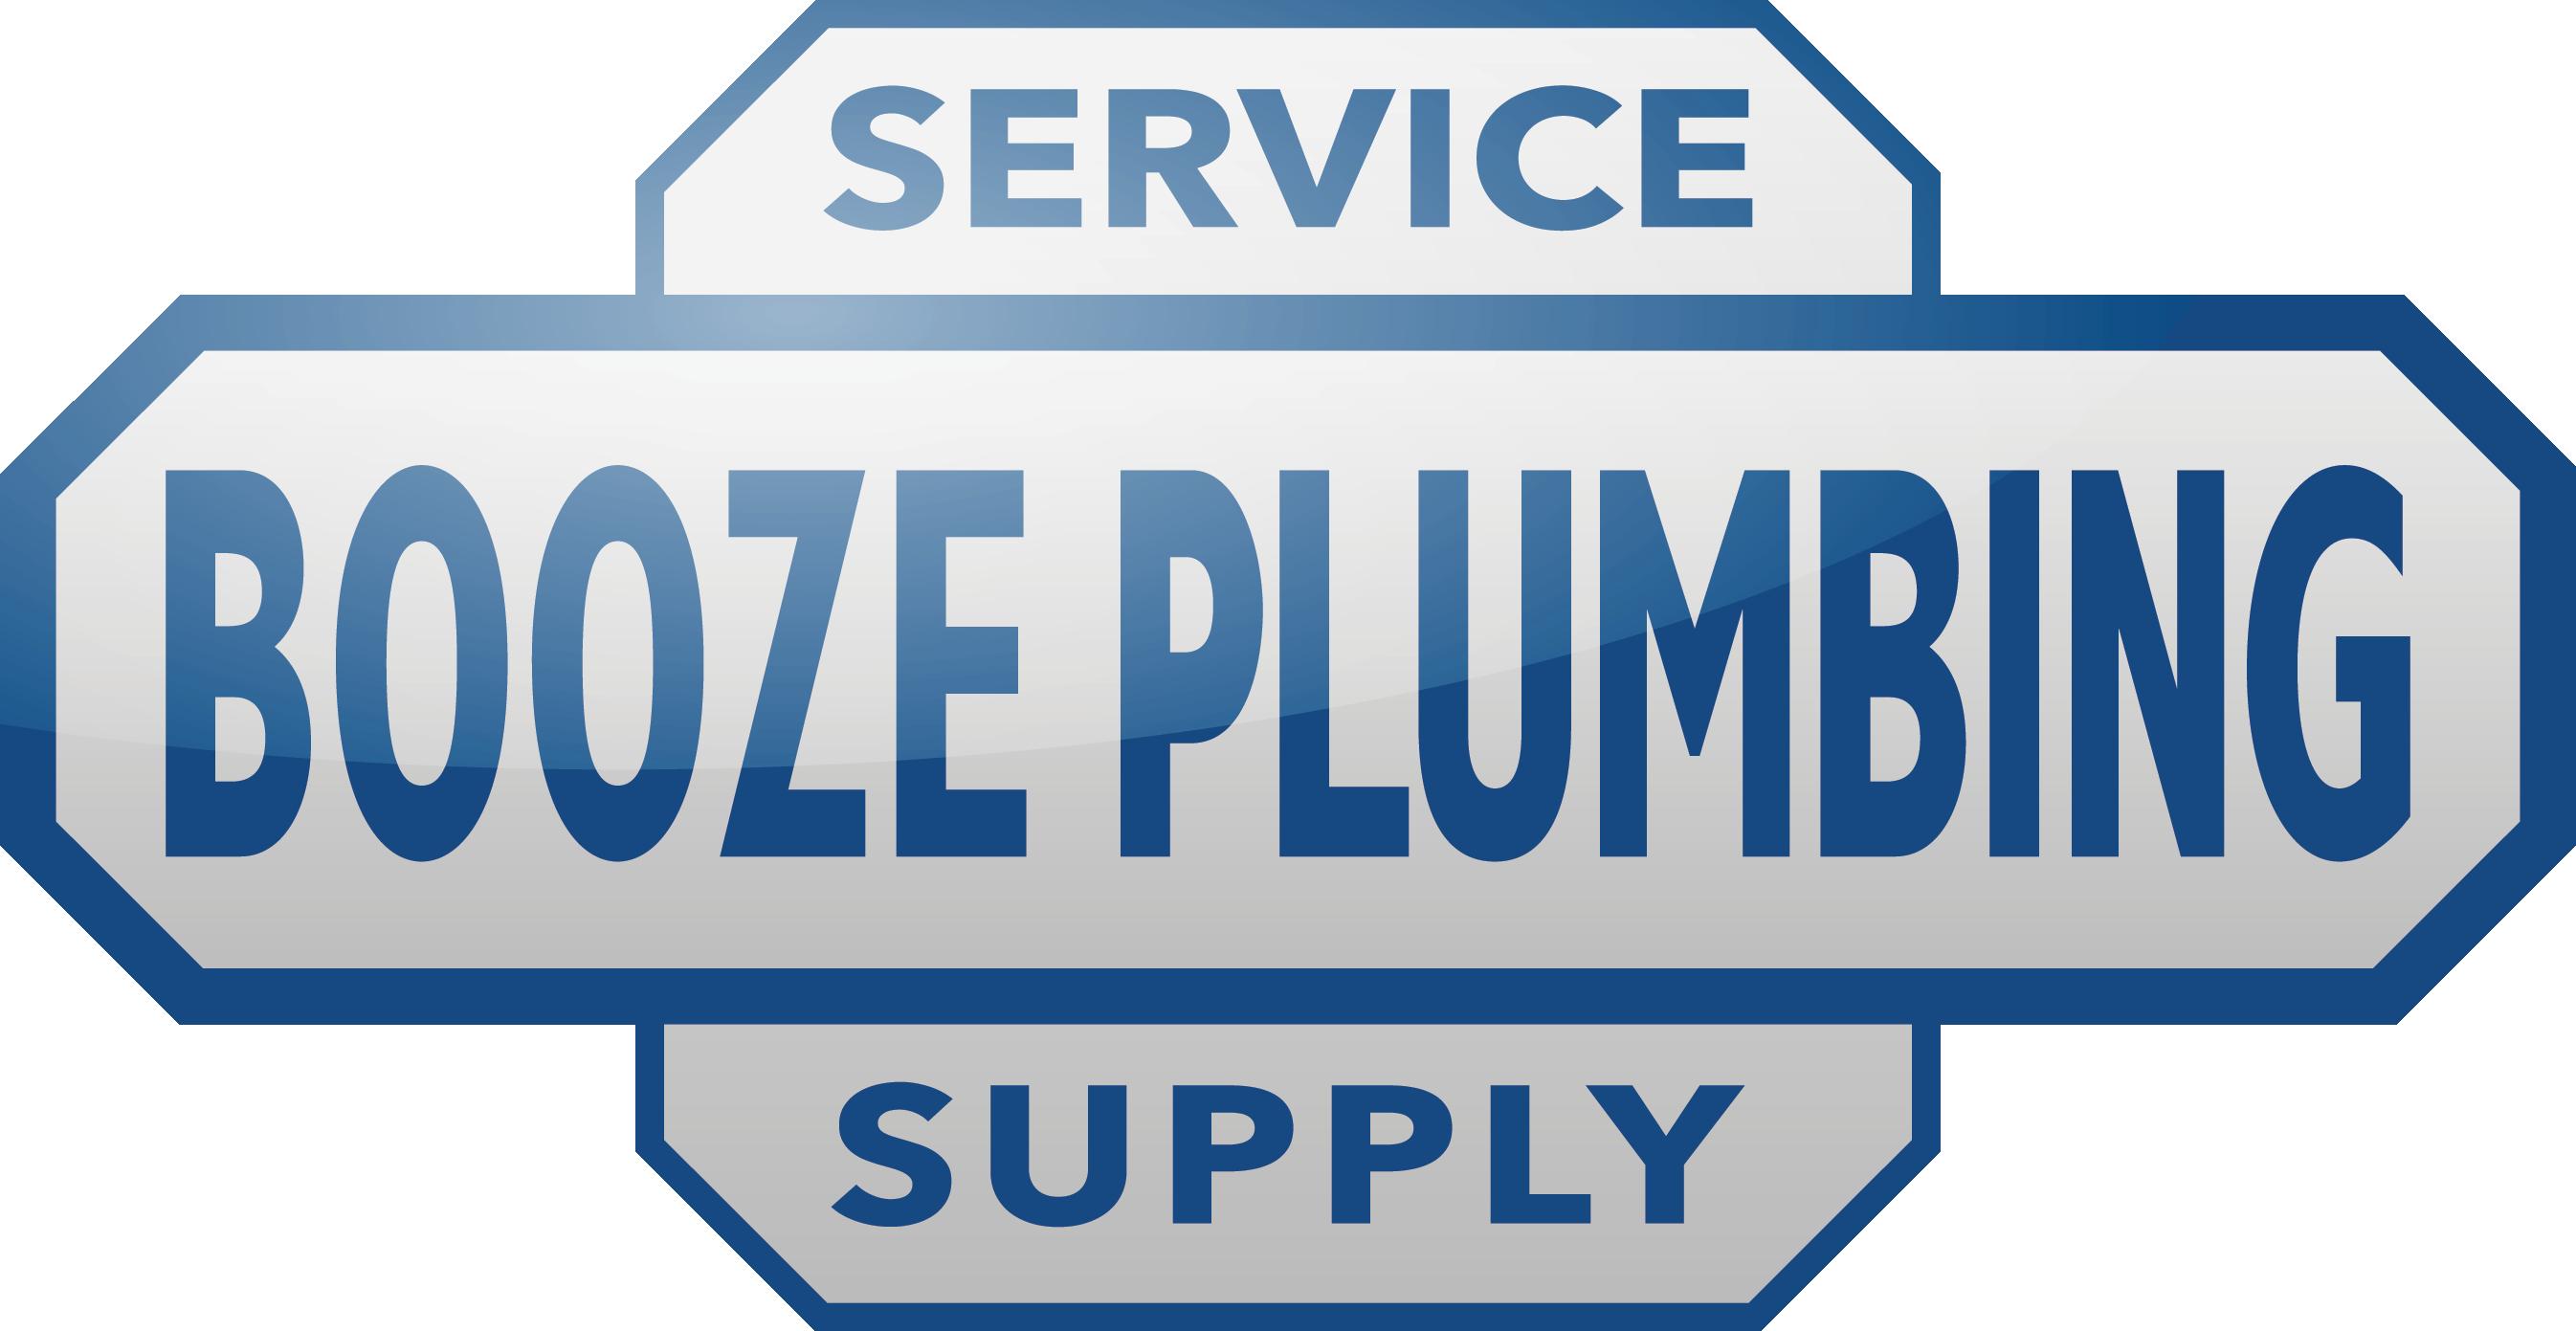 Booze Plumbing